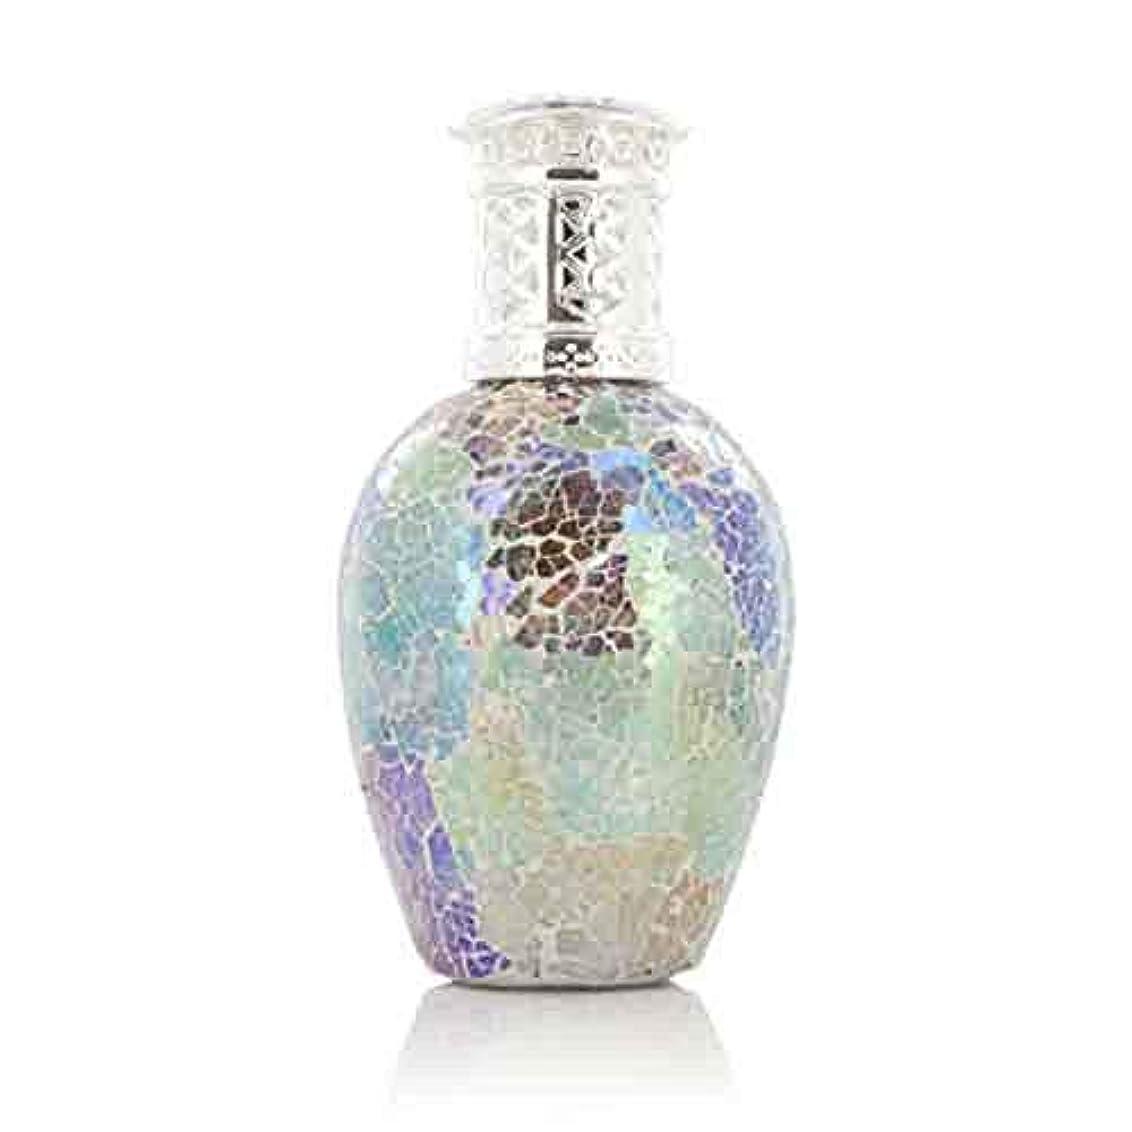 満了トリッキー豊かなアシュレイ&バーウッド(Ashleigh&Burwood) Ashleigh&Burwood フレグランスランプ L フェアリーダスト FragranceLamps FairyDust アシュレイ&バーウッド 950×950×180㎜/1個